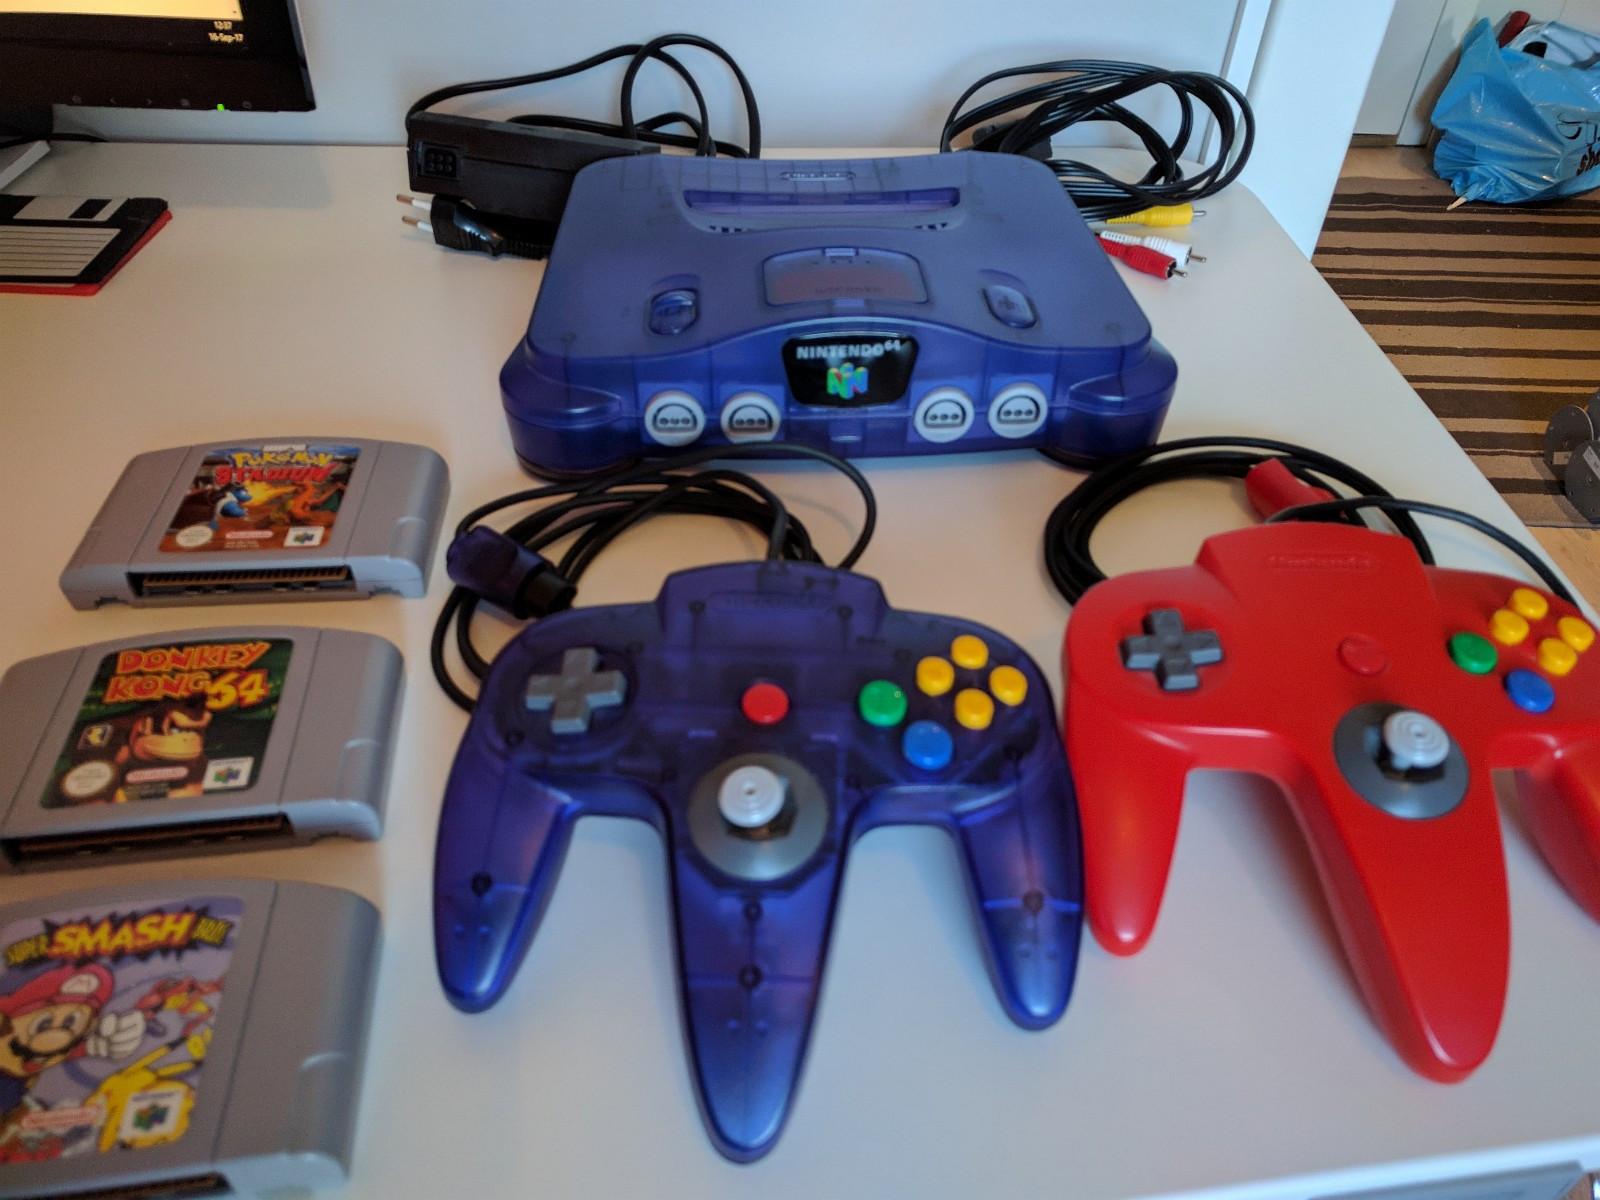 Nintendo 64 - blå/lilla - Oslo  - Nintendo 64 spillkonsoll i blå/lilla gjennomsiktig versjon selges med tilhørende kabler og utstyr. Alt er originalt fra Nintendo. - 1x Nintendo 64 lilla gjennomsiktig spillkonsoll - 2x kontrollere (en rød og en lilla gjennomsiktig)&#1 - Oslo